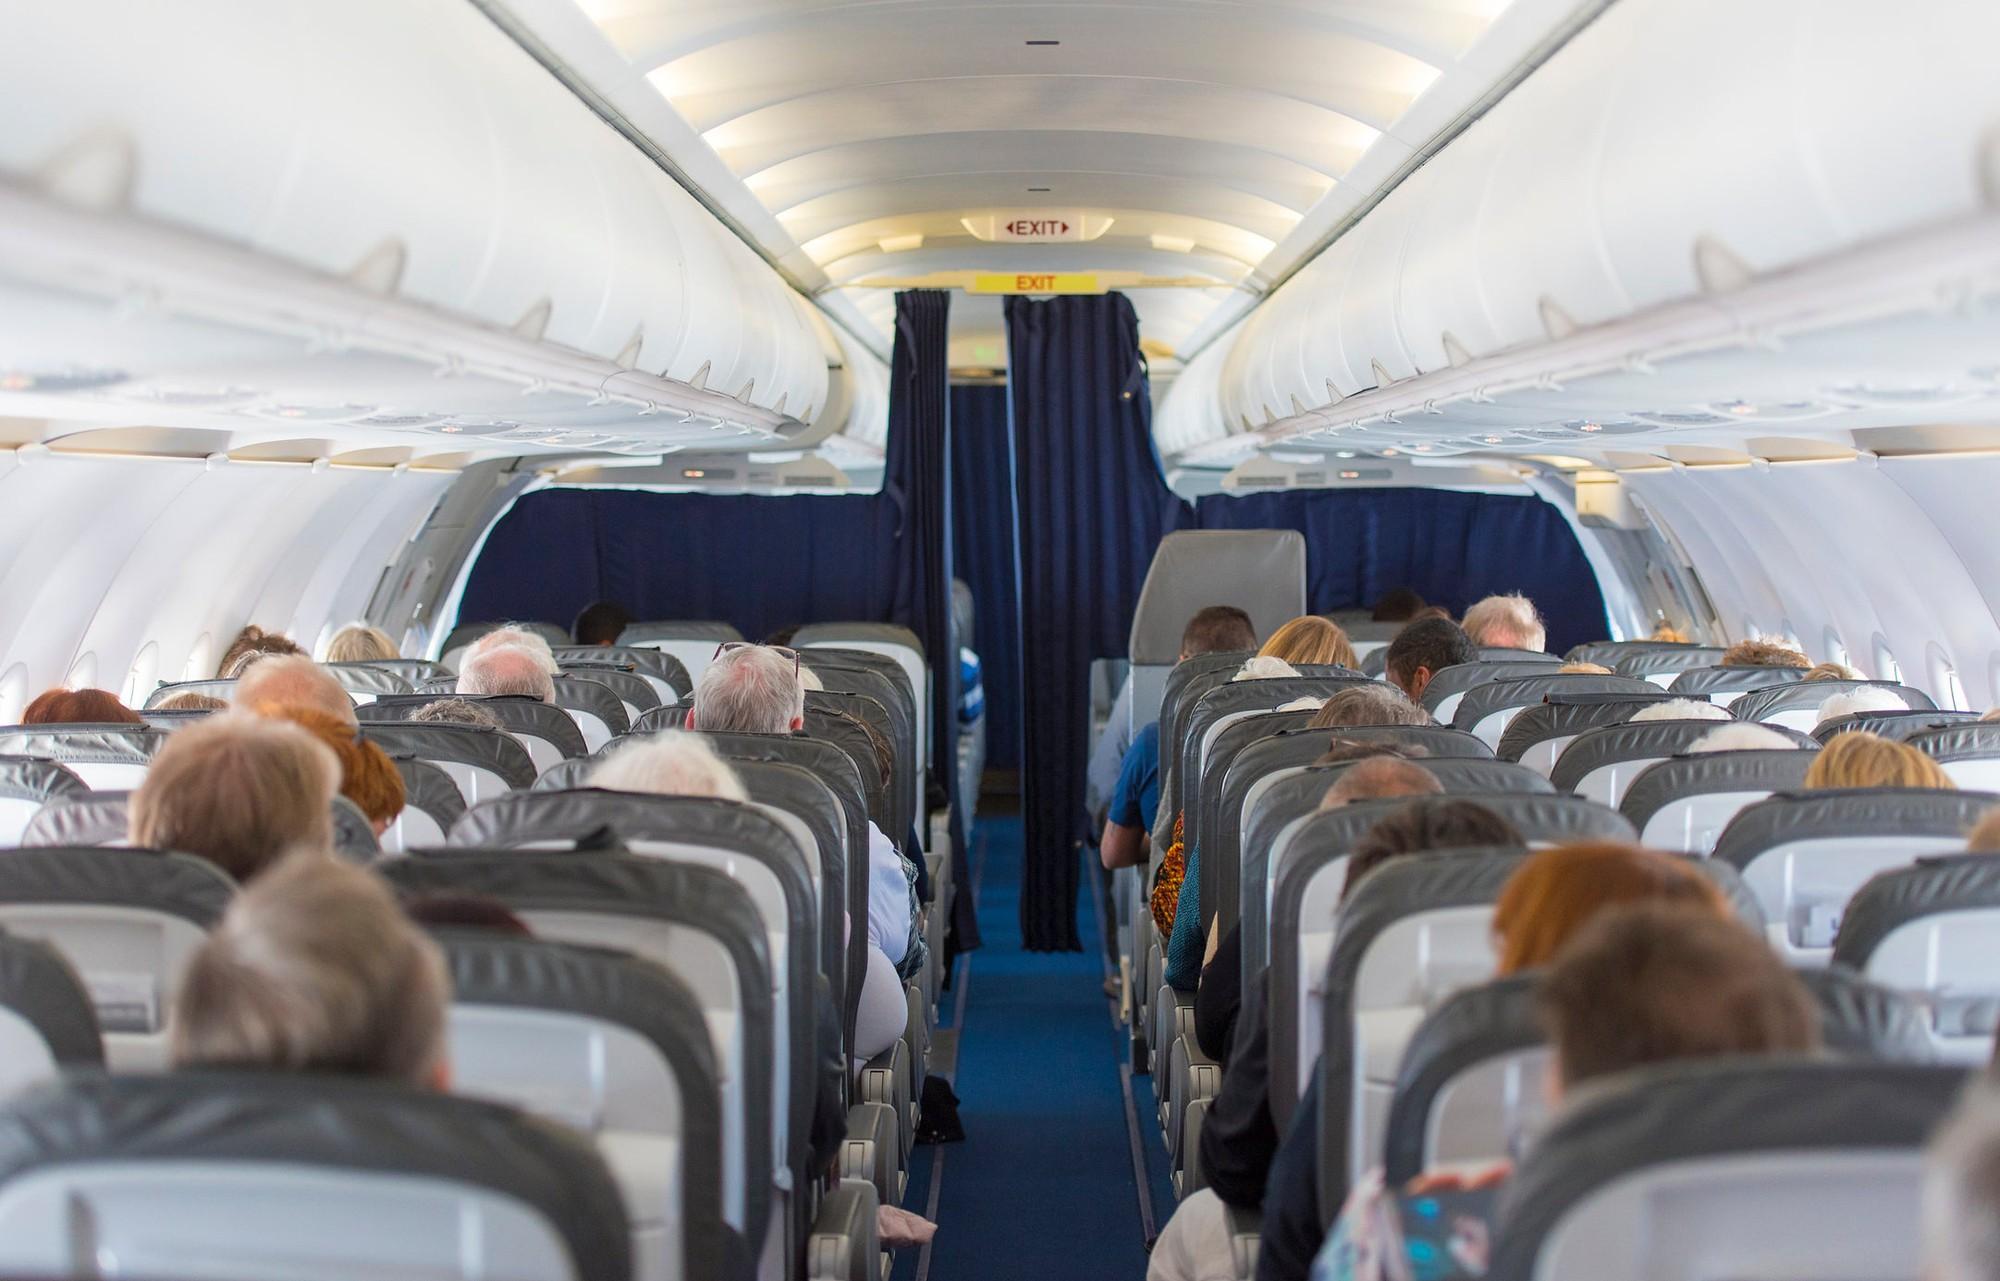 Tìm giải pháp giảm nguy cơ virus SARS-CoV-2 lây lan trên máy bay